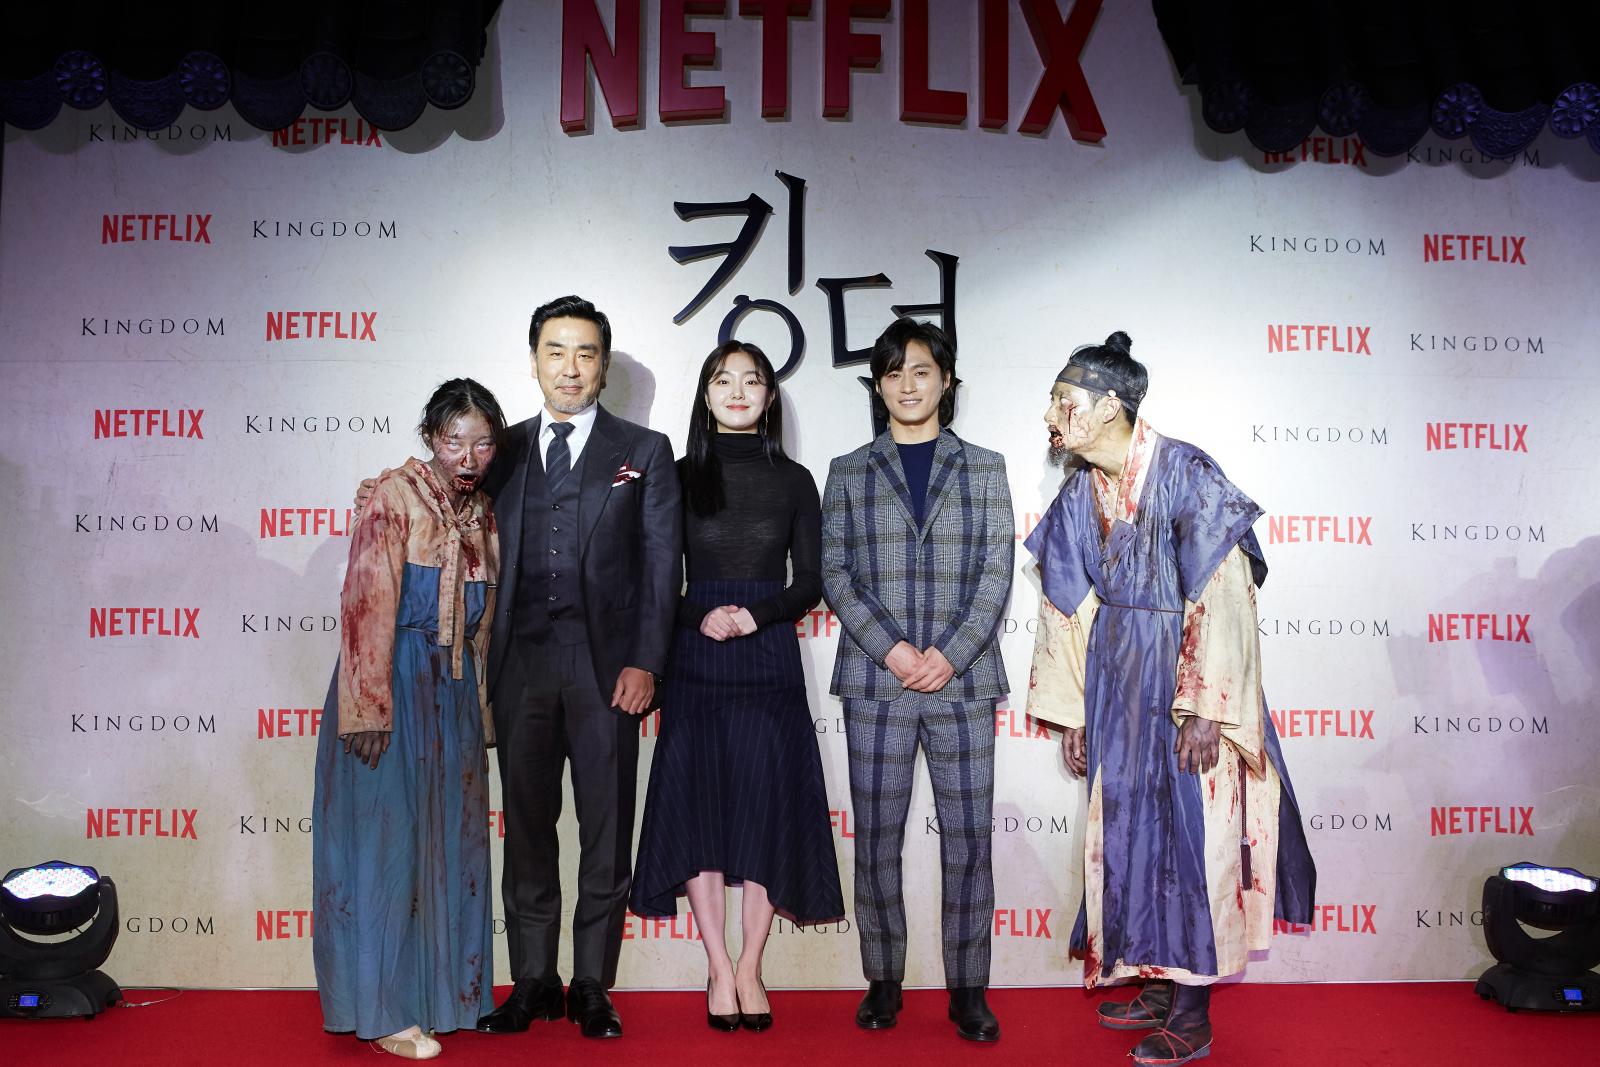 Netflix Red carpet